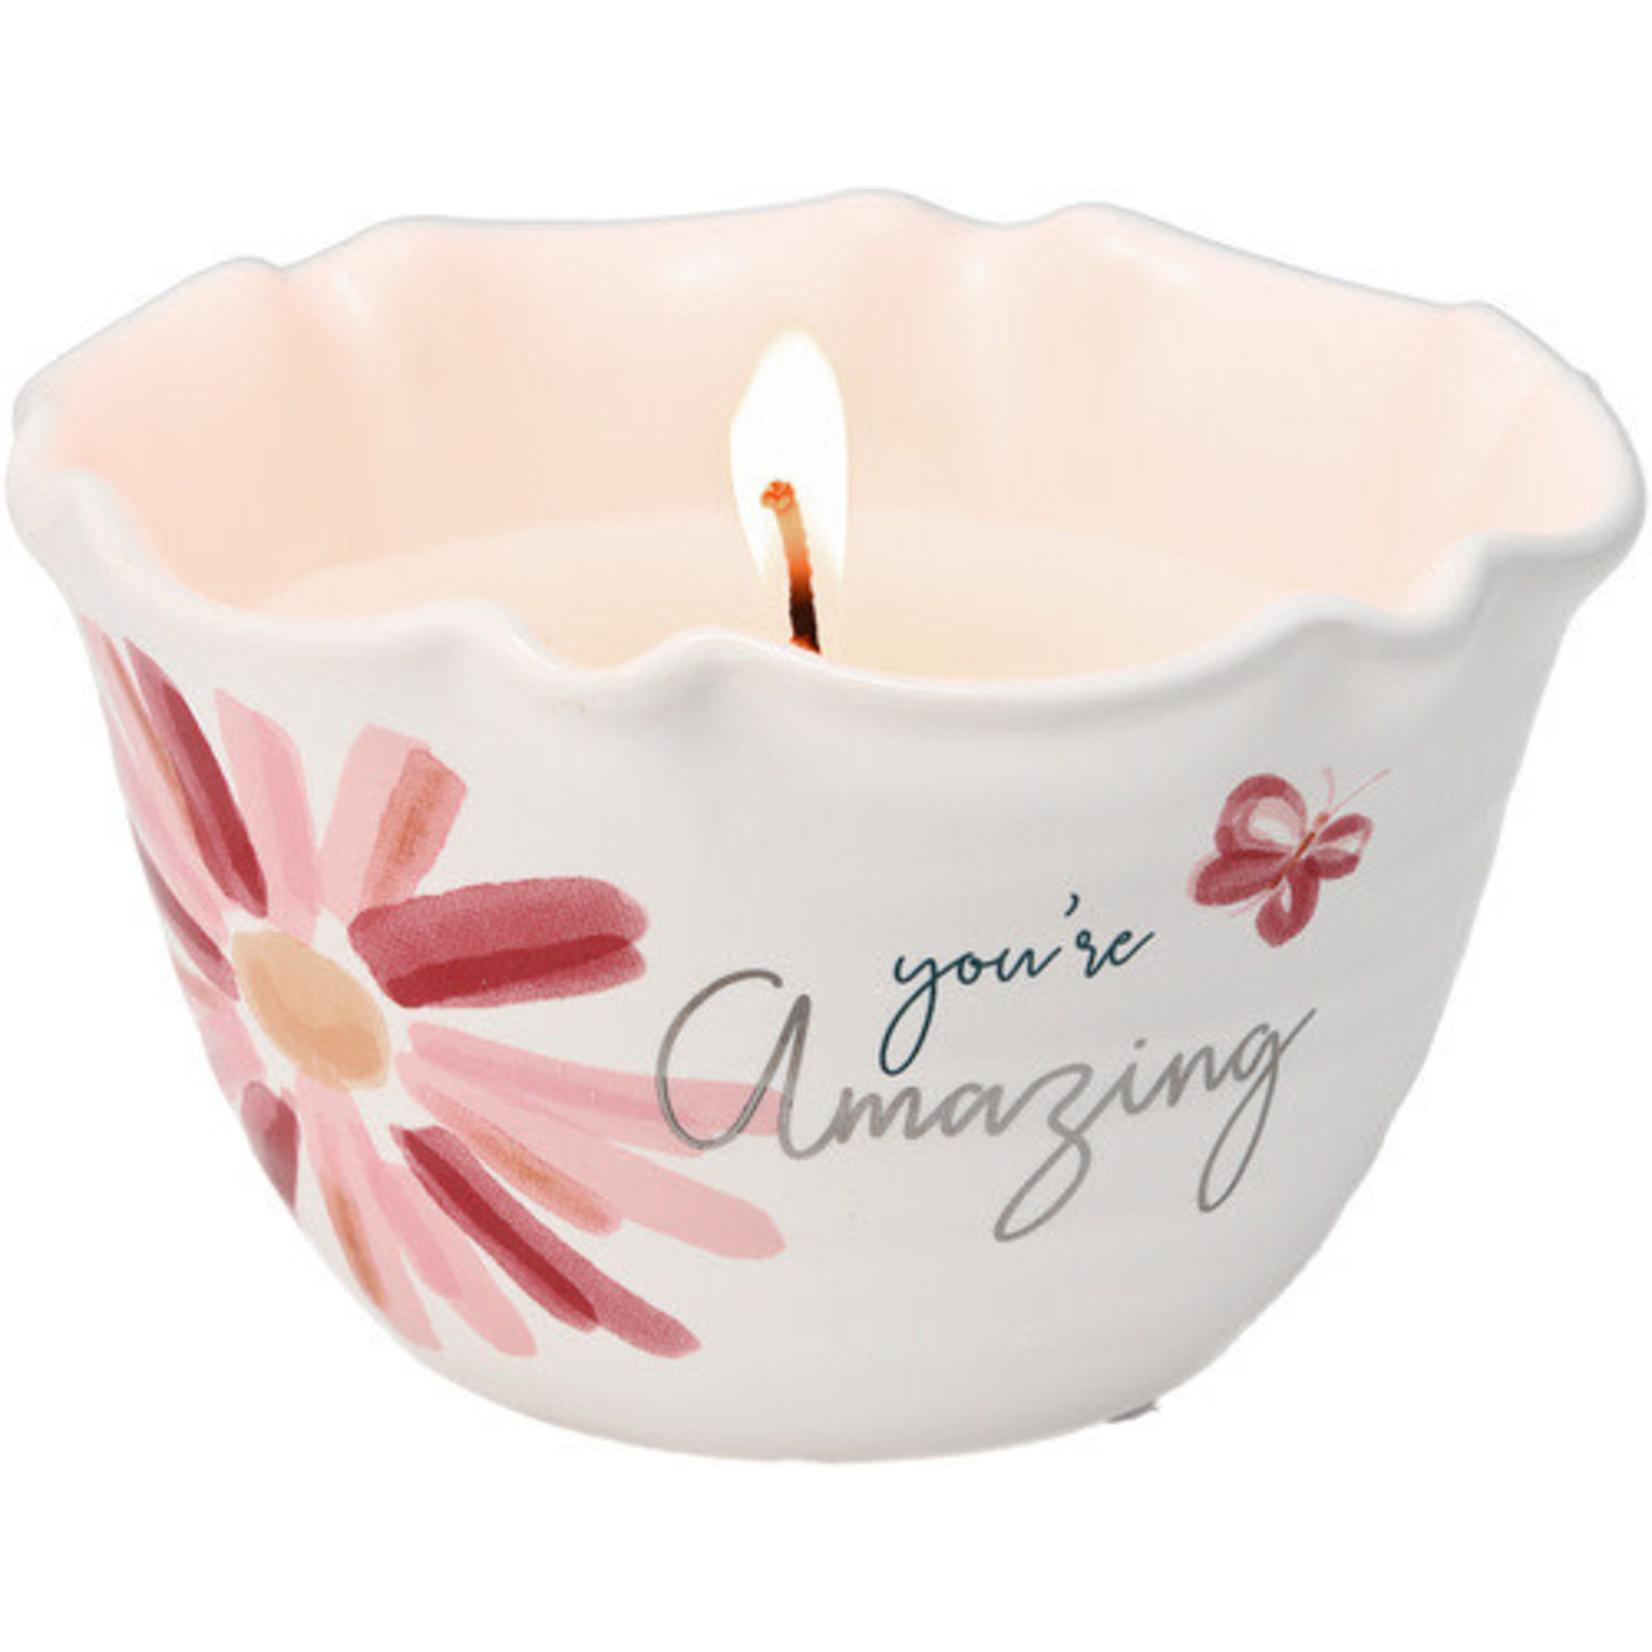 Pavilion Gift Co. Candle: Amazing- 9oz.